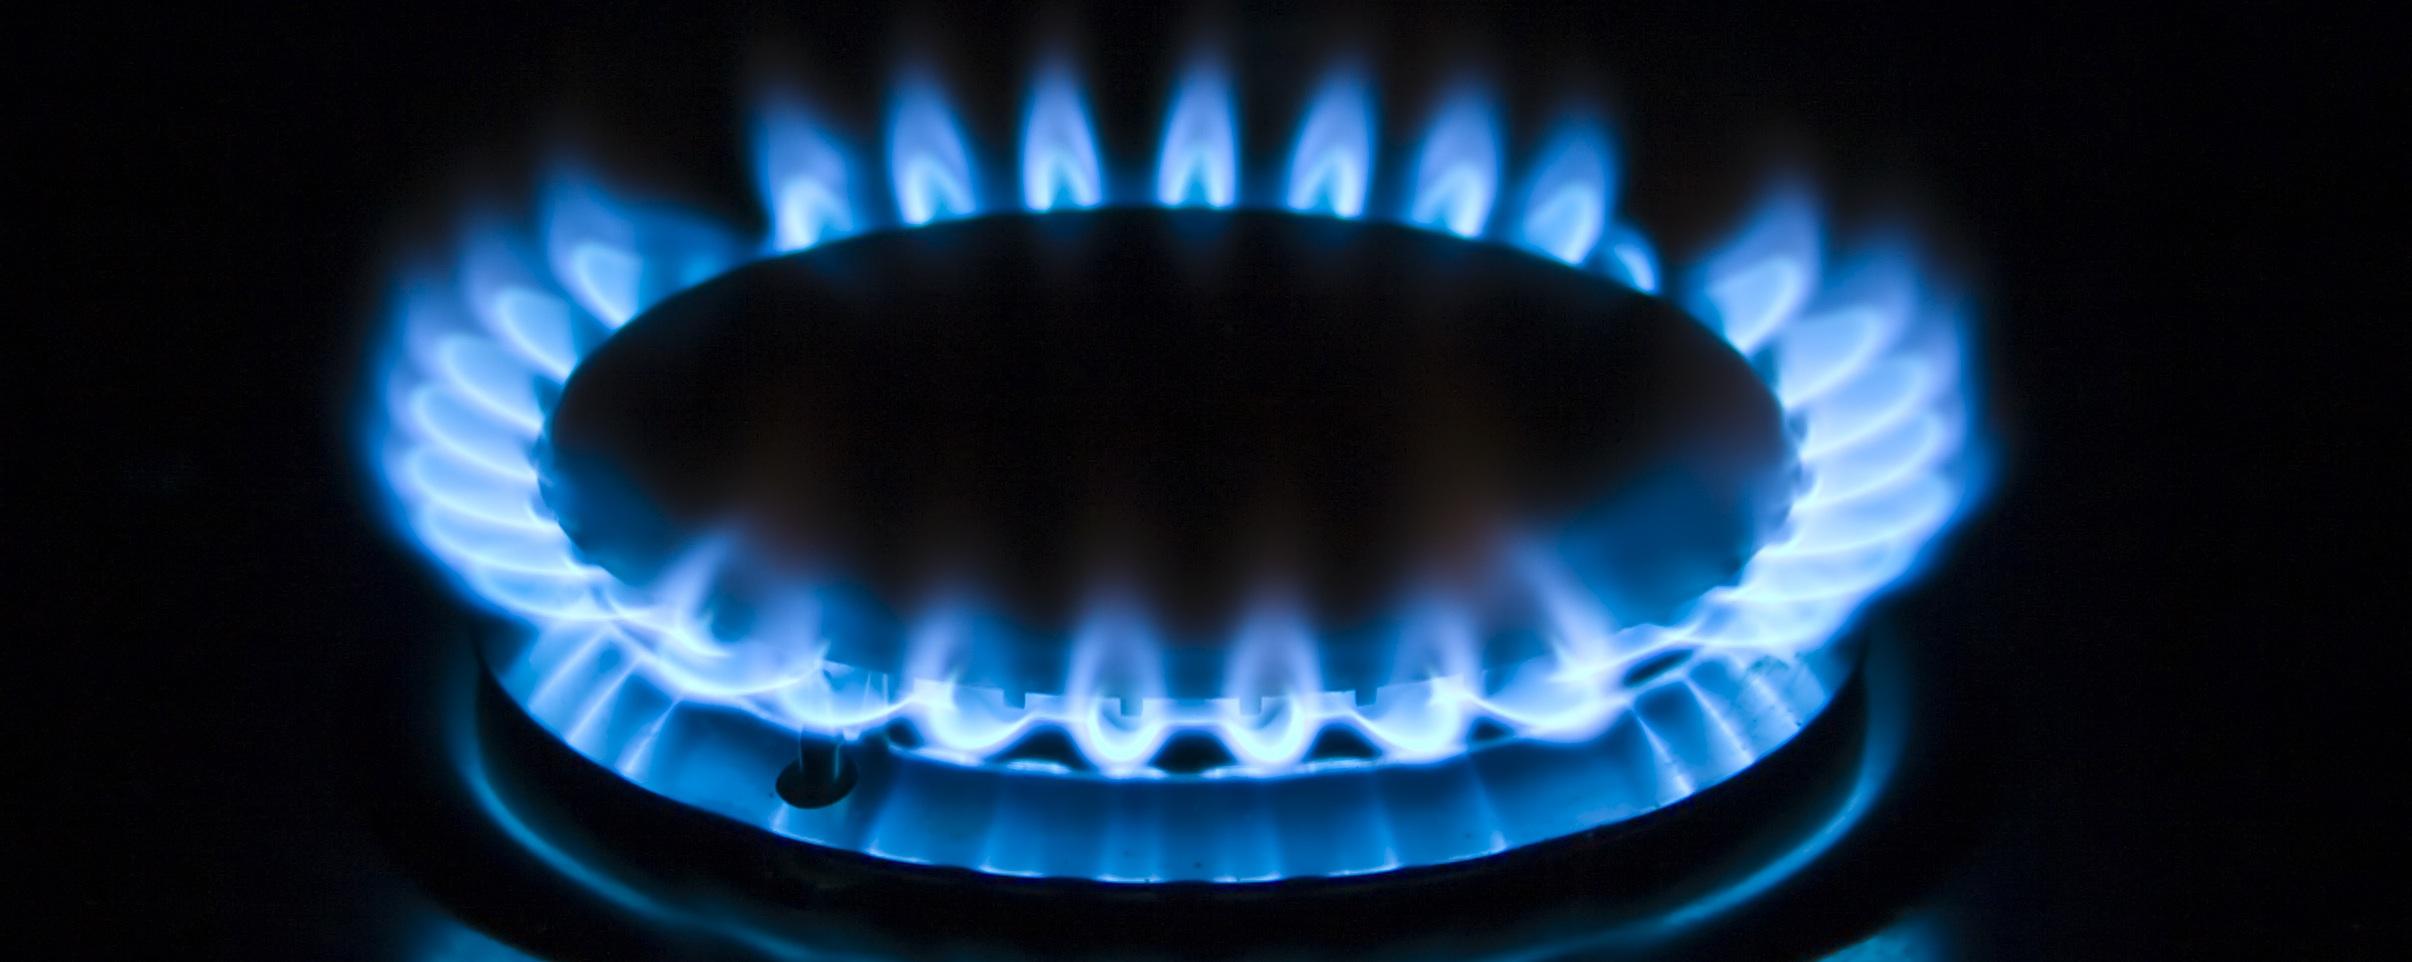 Natural gas Wave Analysis 7 April, 2021